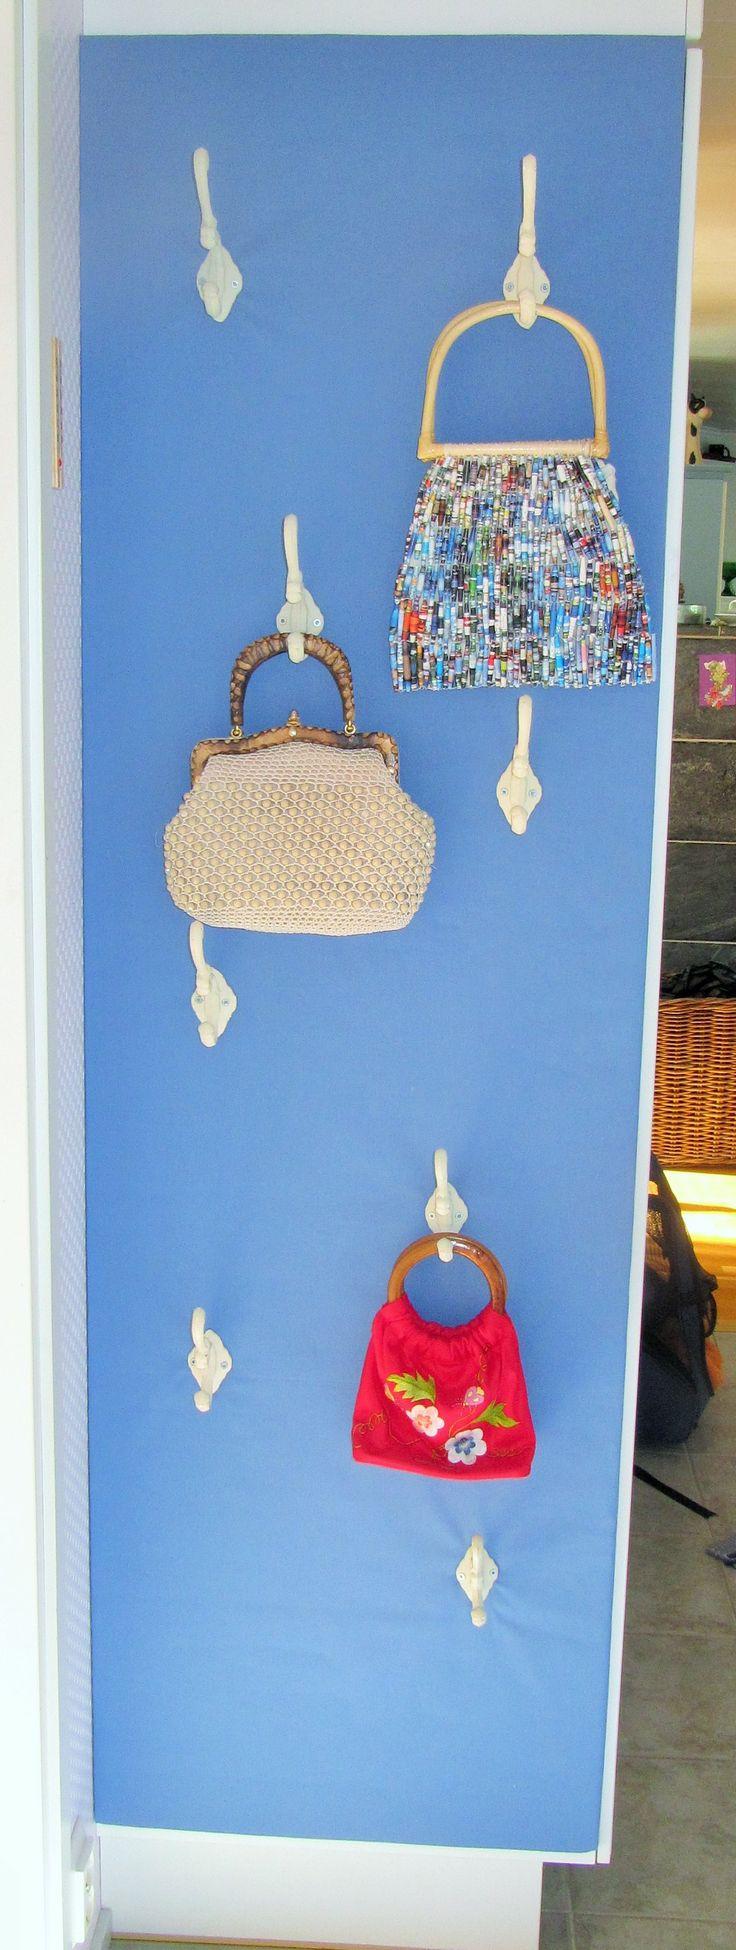 Kaapin päätyyn rakennettu käsilaukkuseinäke